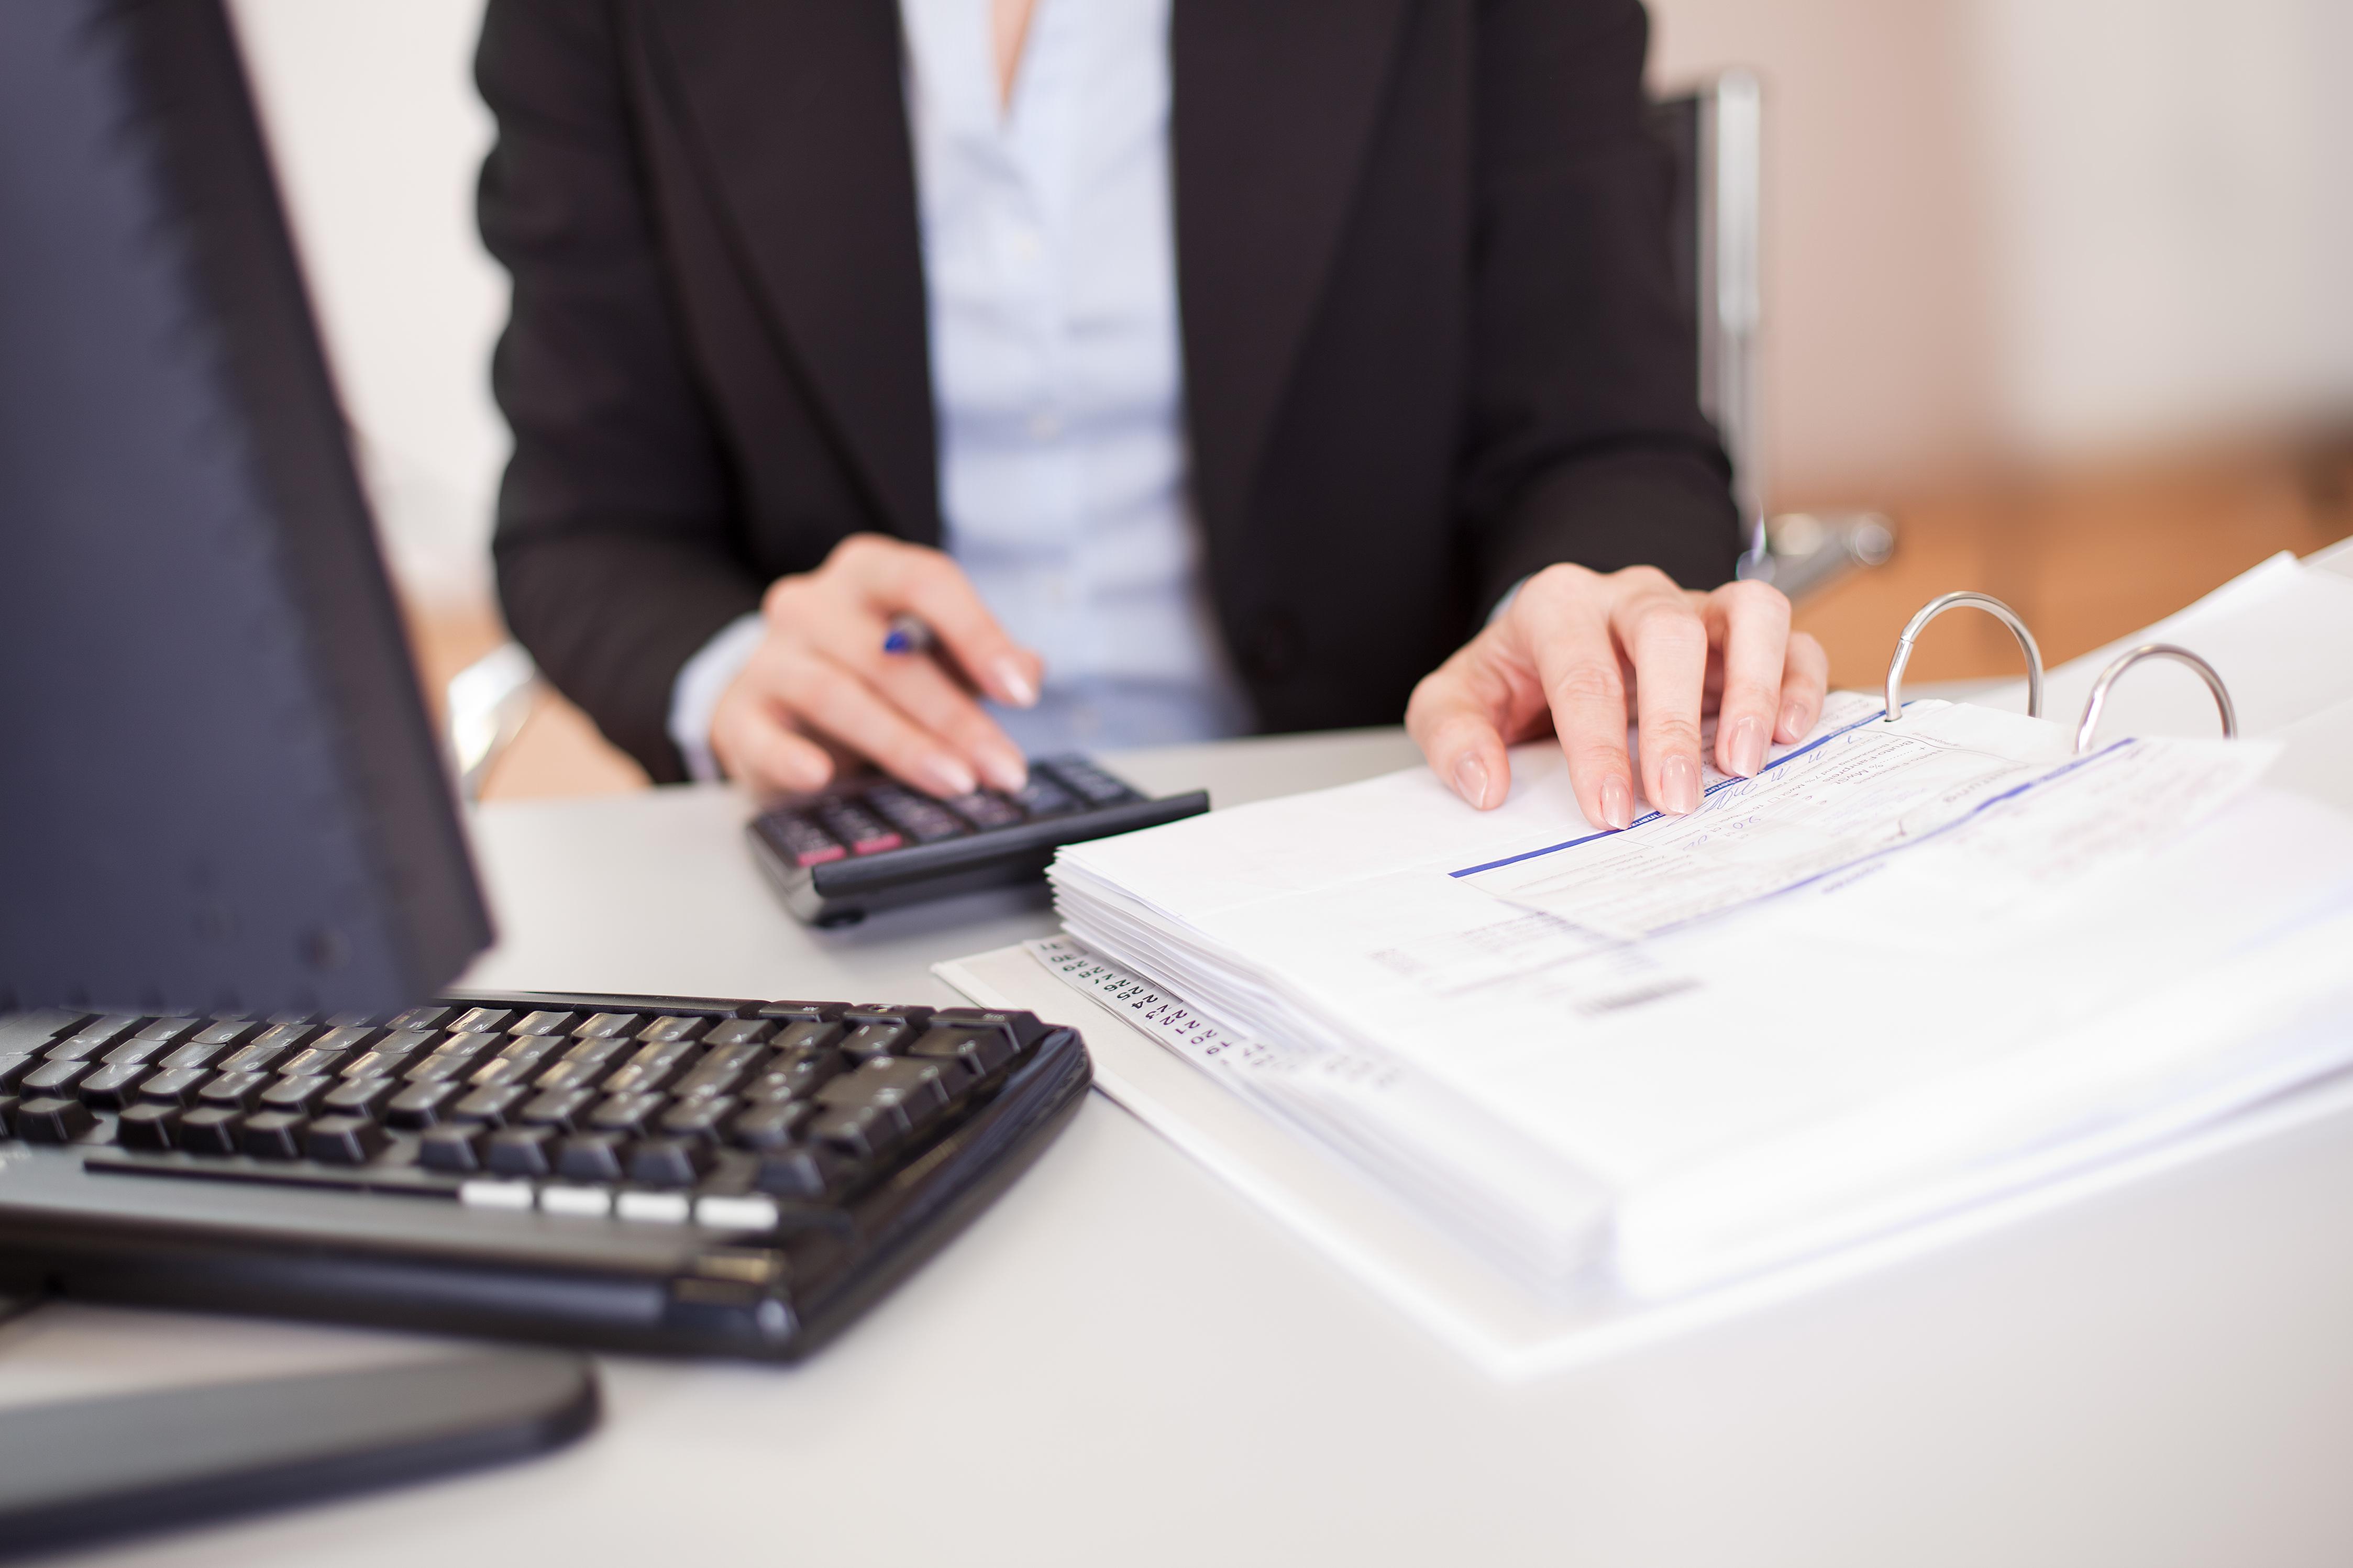 femme comptable calculatrice ordinateur